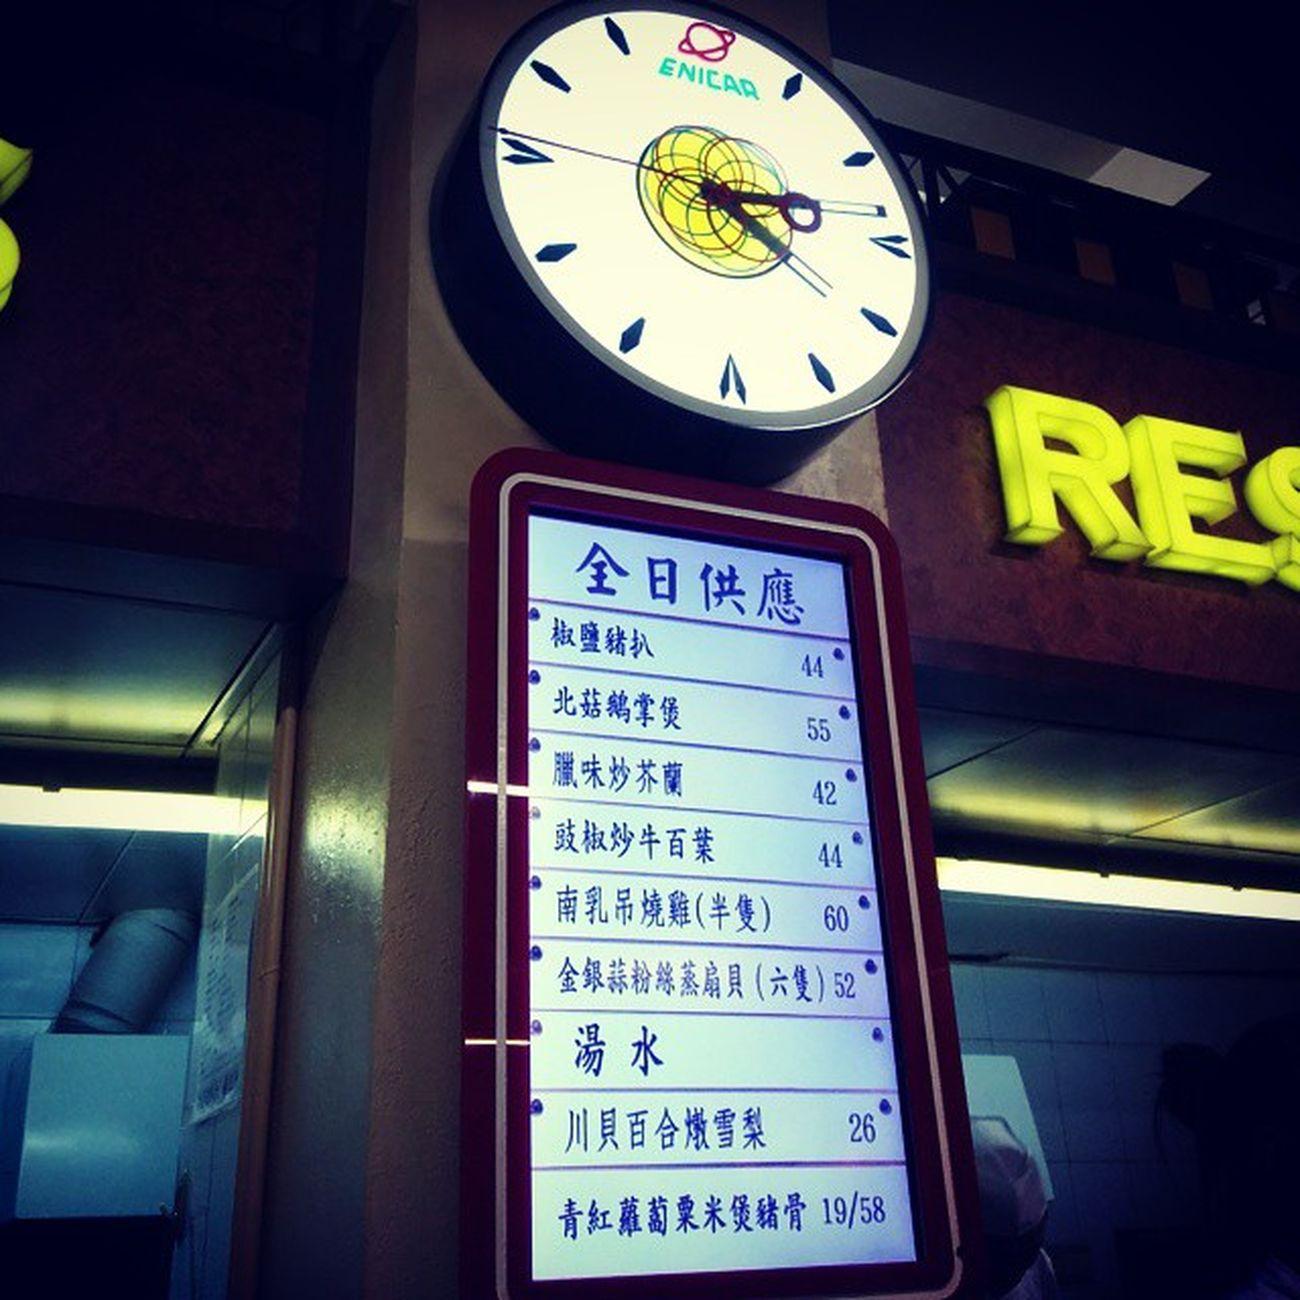 查餐厅 Yuecuisine Dinner Shanghai Recommended Menu LED